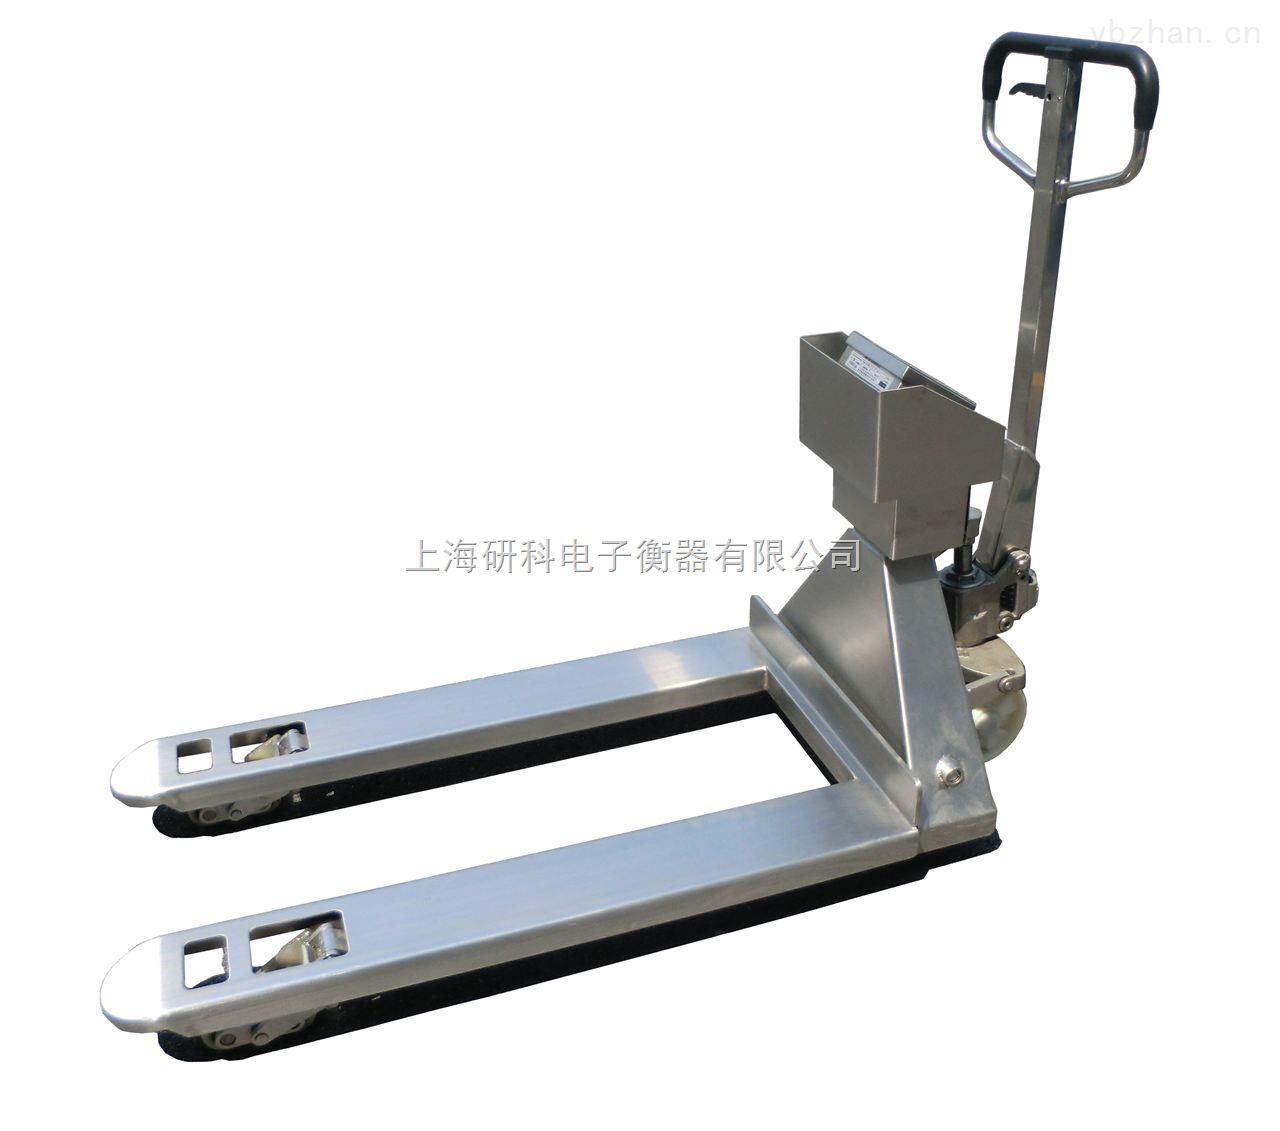 重庆2.5吨不锈钢叉车秤